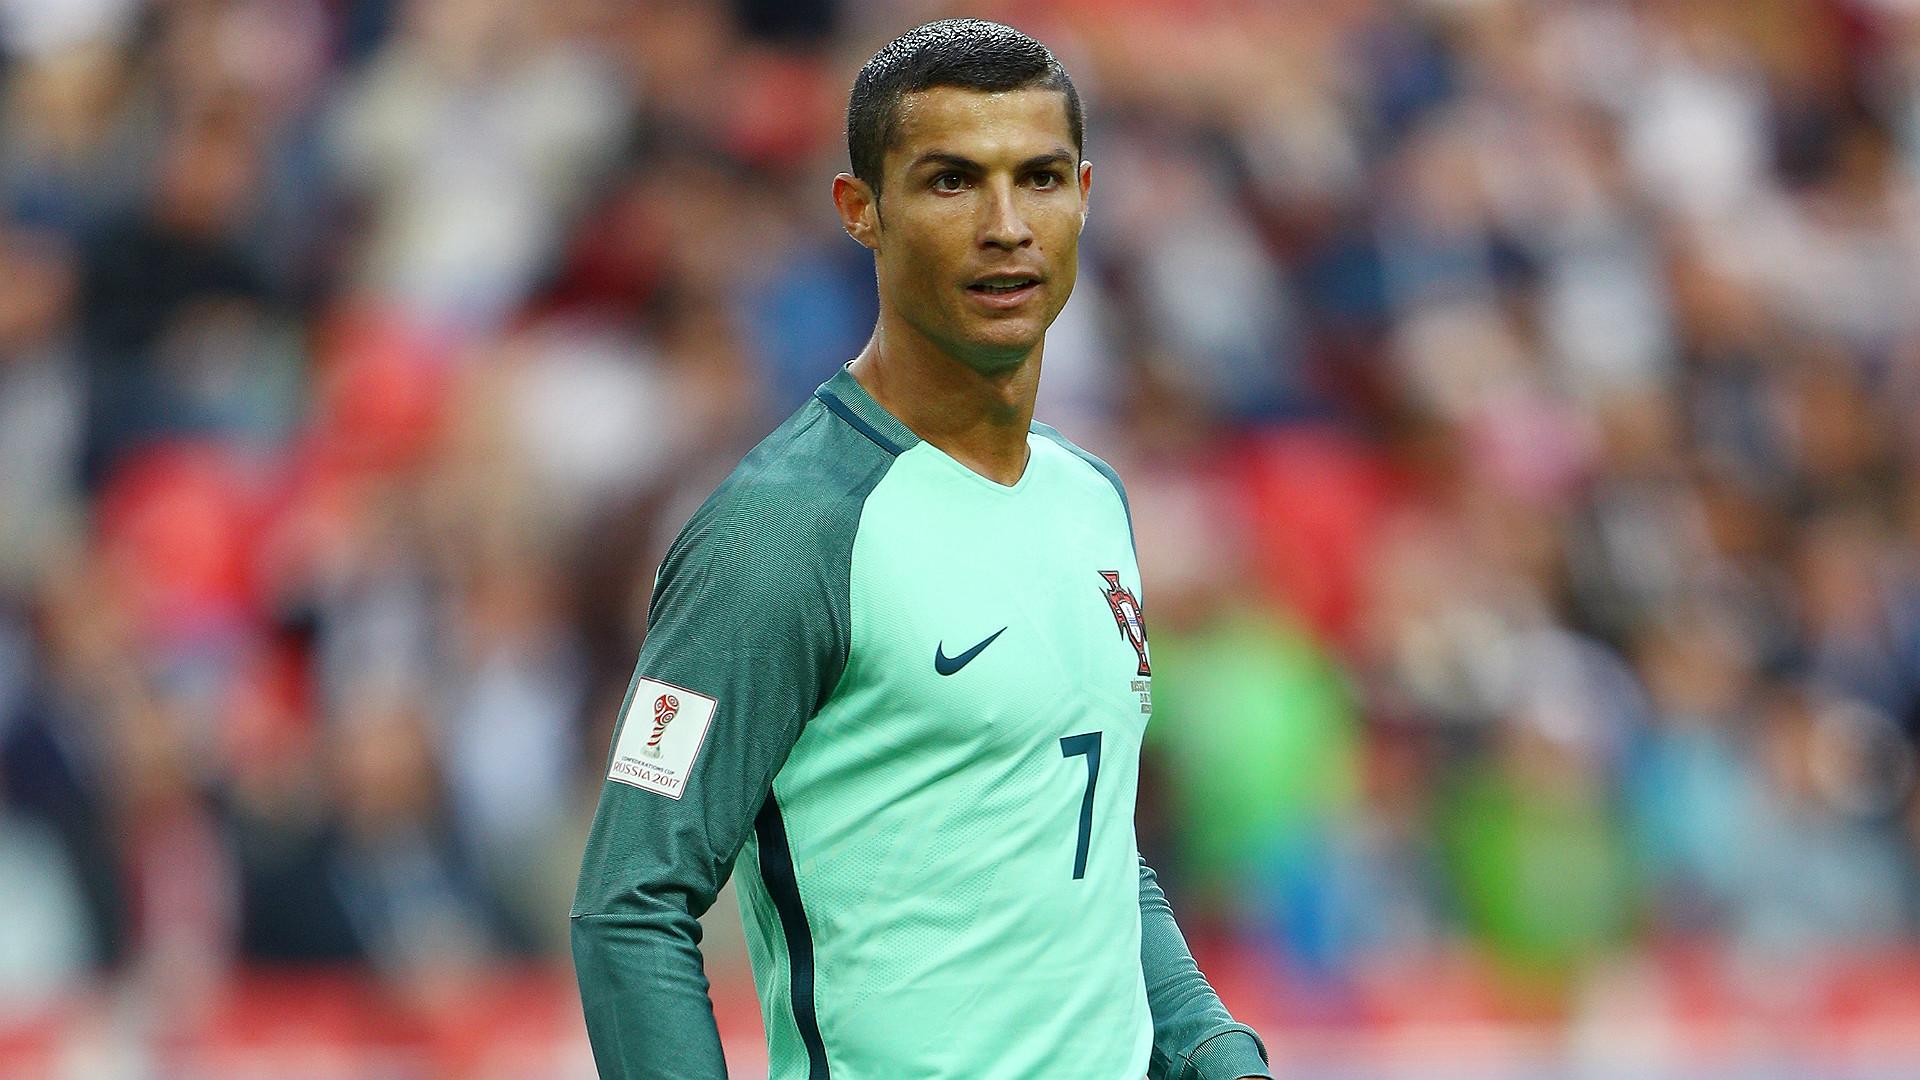 Cristiano-ronaldo-russia-portugal-confederations-cup_1sevrj1786zrb17bre8c763roc